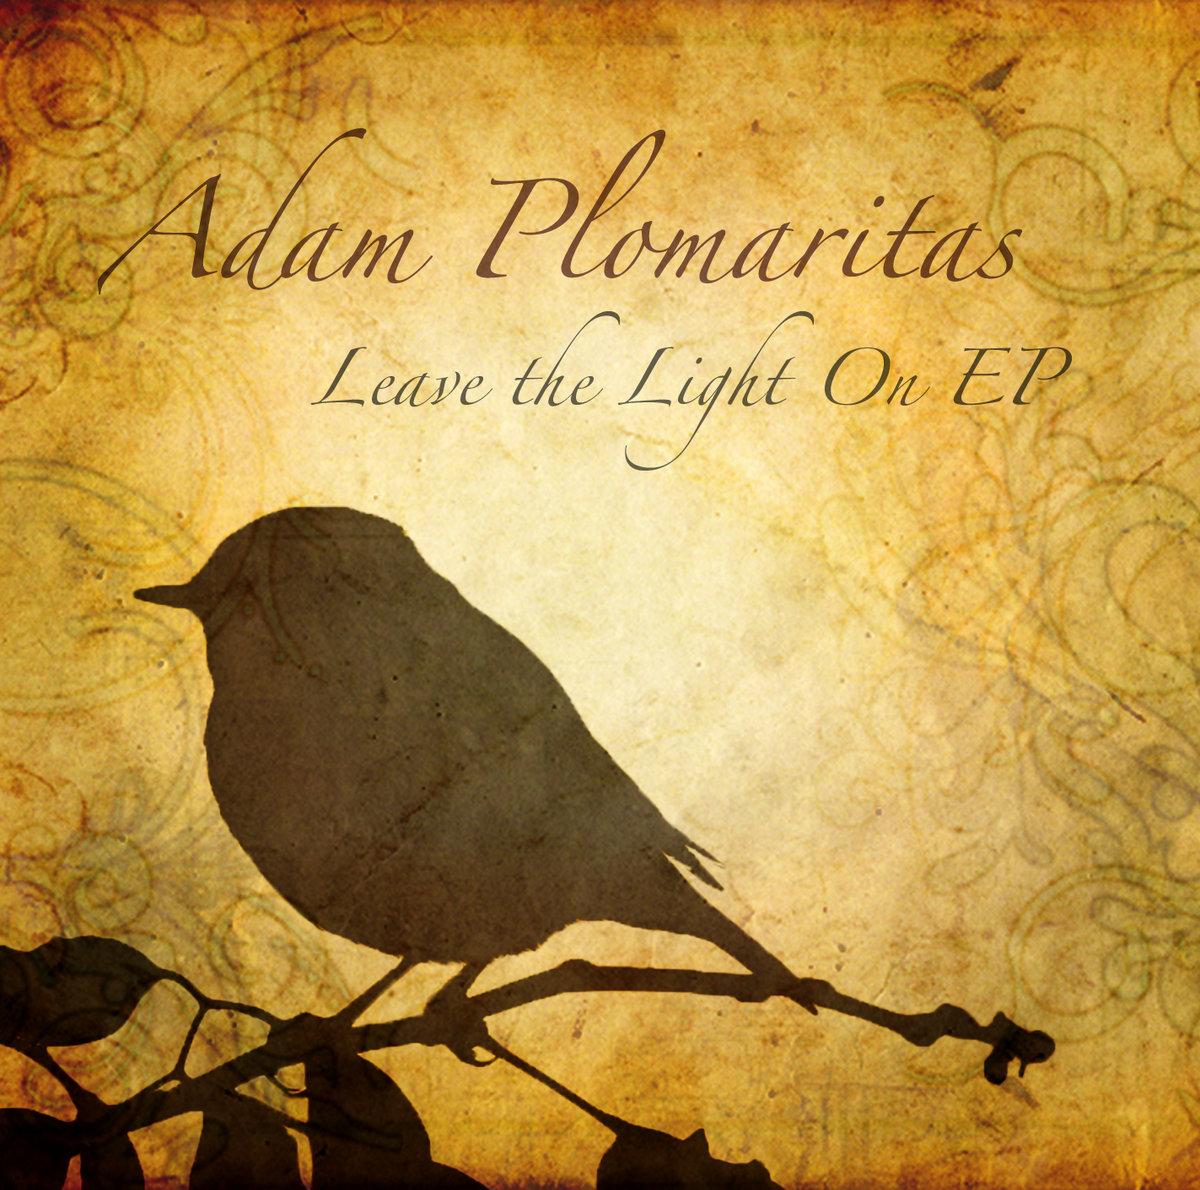 Adam Plomaritas: Leave the Light On EP